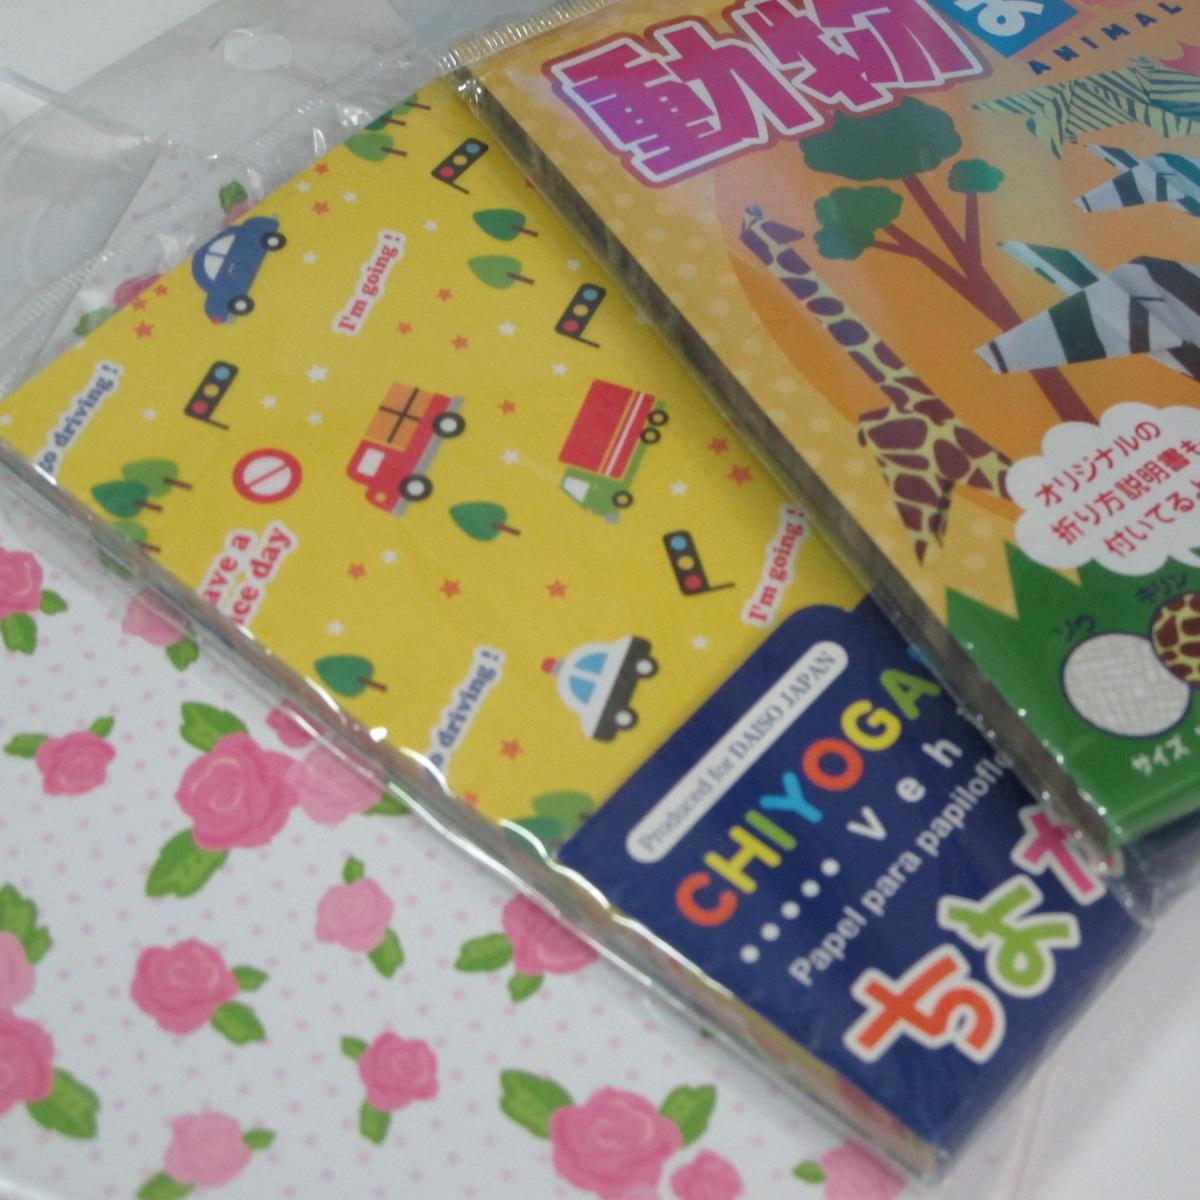 เลือกซื้อกระดาษสำหรับพับโอริงามิ (Origami paper) 005